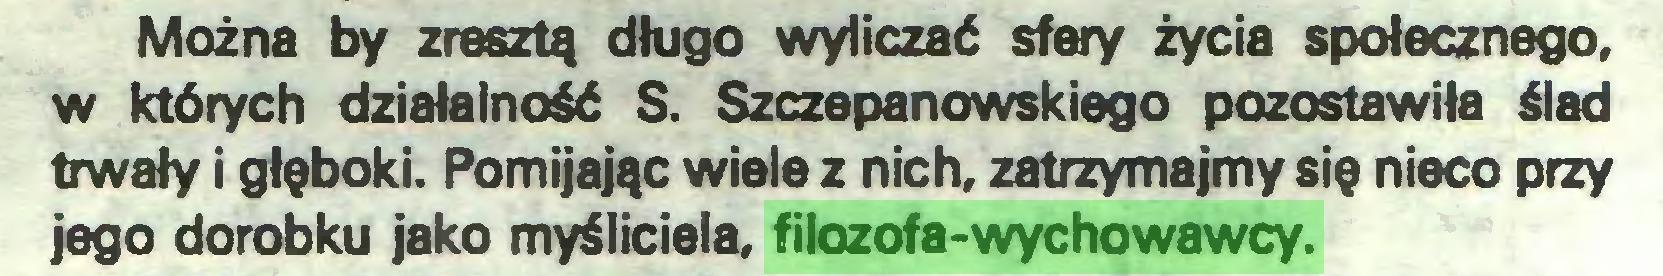 (...) Można by zresztą długo wyliczać sfery życia społecznego, w których działalność S. Szczepanowskiego pozostawiła ślad trwały i głęboki. Pomijając wiele z nich, zatrzymajmy się nieco przy jego dorobku jako myśliciela, filozofa-wychowawcy...